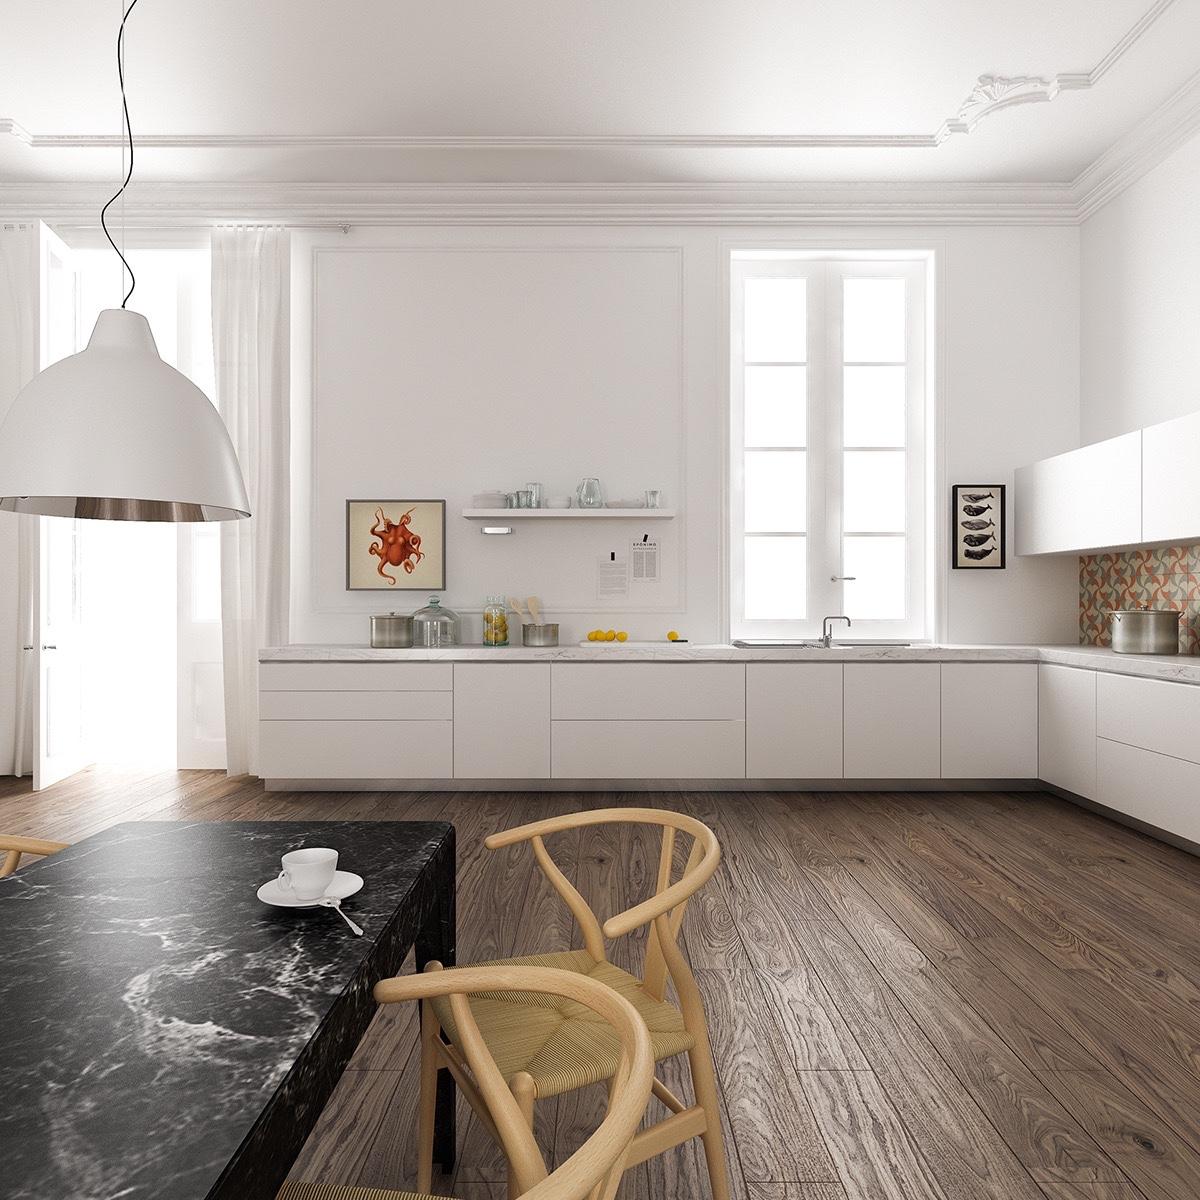 Hé lộ các không gian nấu nướng sang trọng, tinh tế